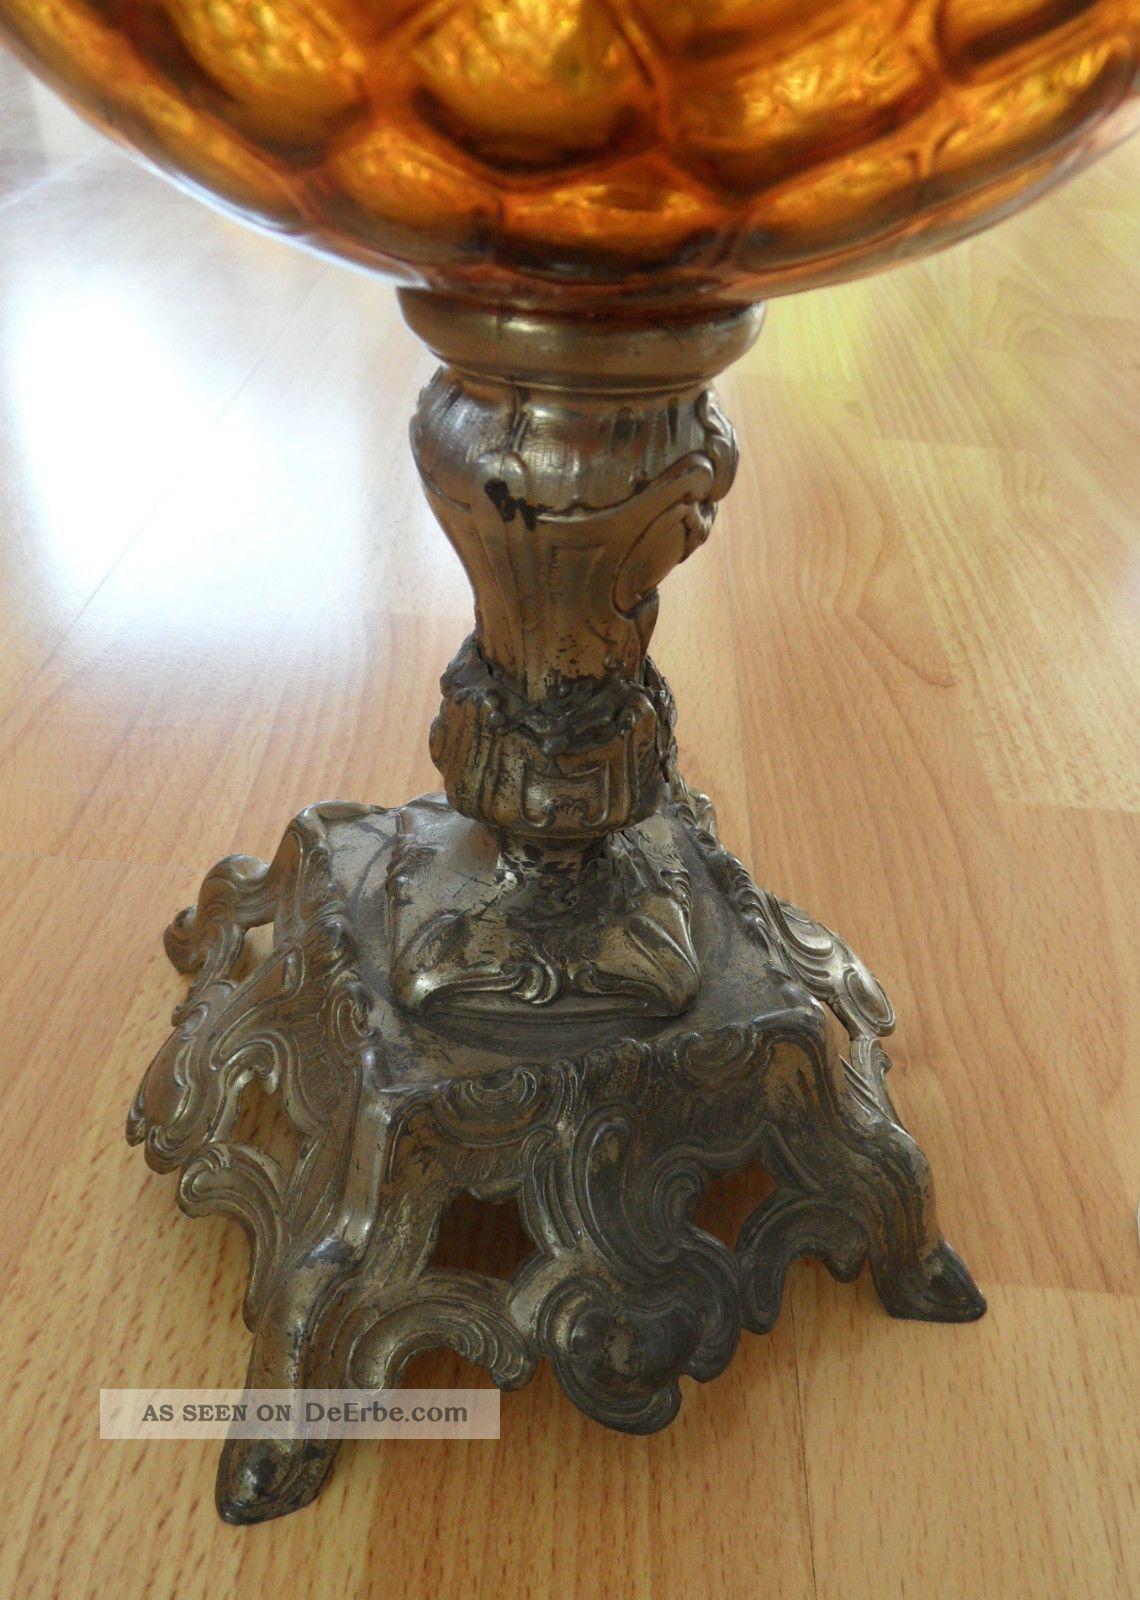 petroleumlampe mit glaszylinder antik historisch h he 55cm. Black Bedroom Furniture Sets. Home Design Ideas